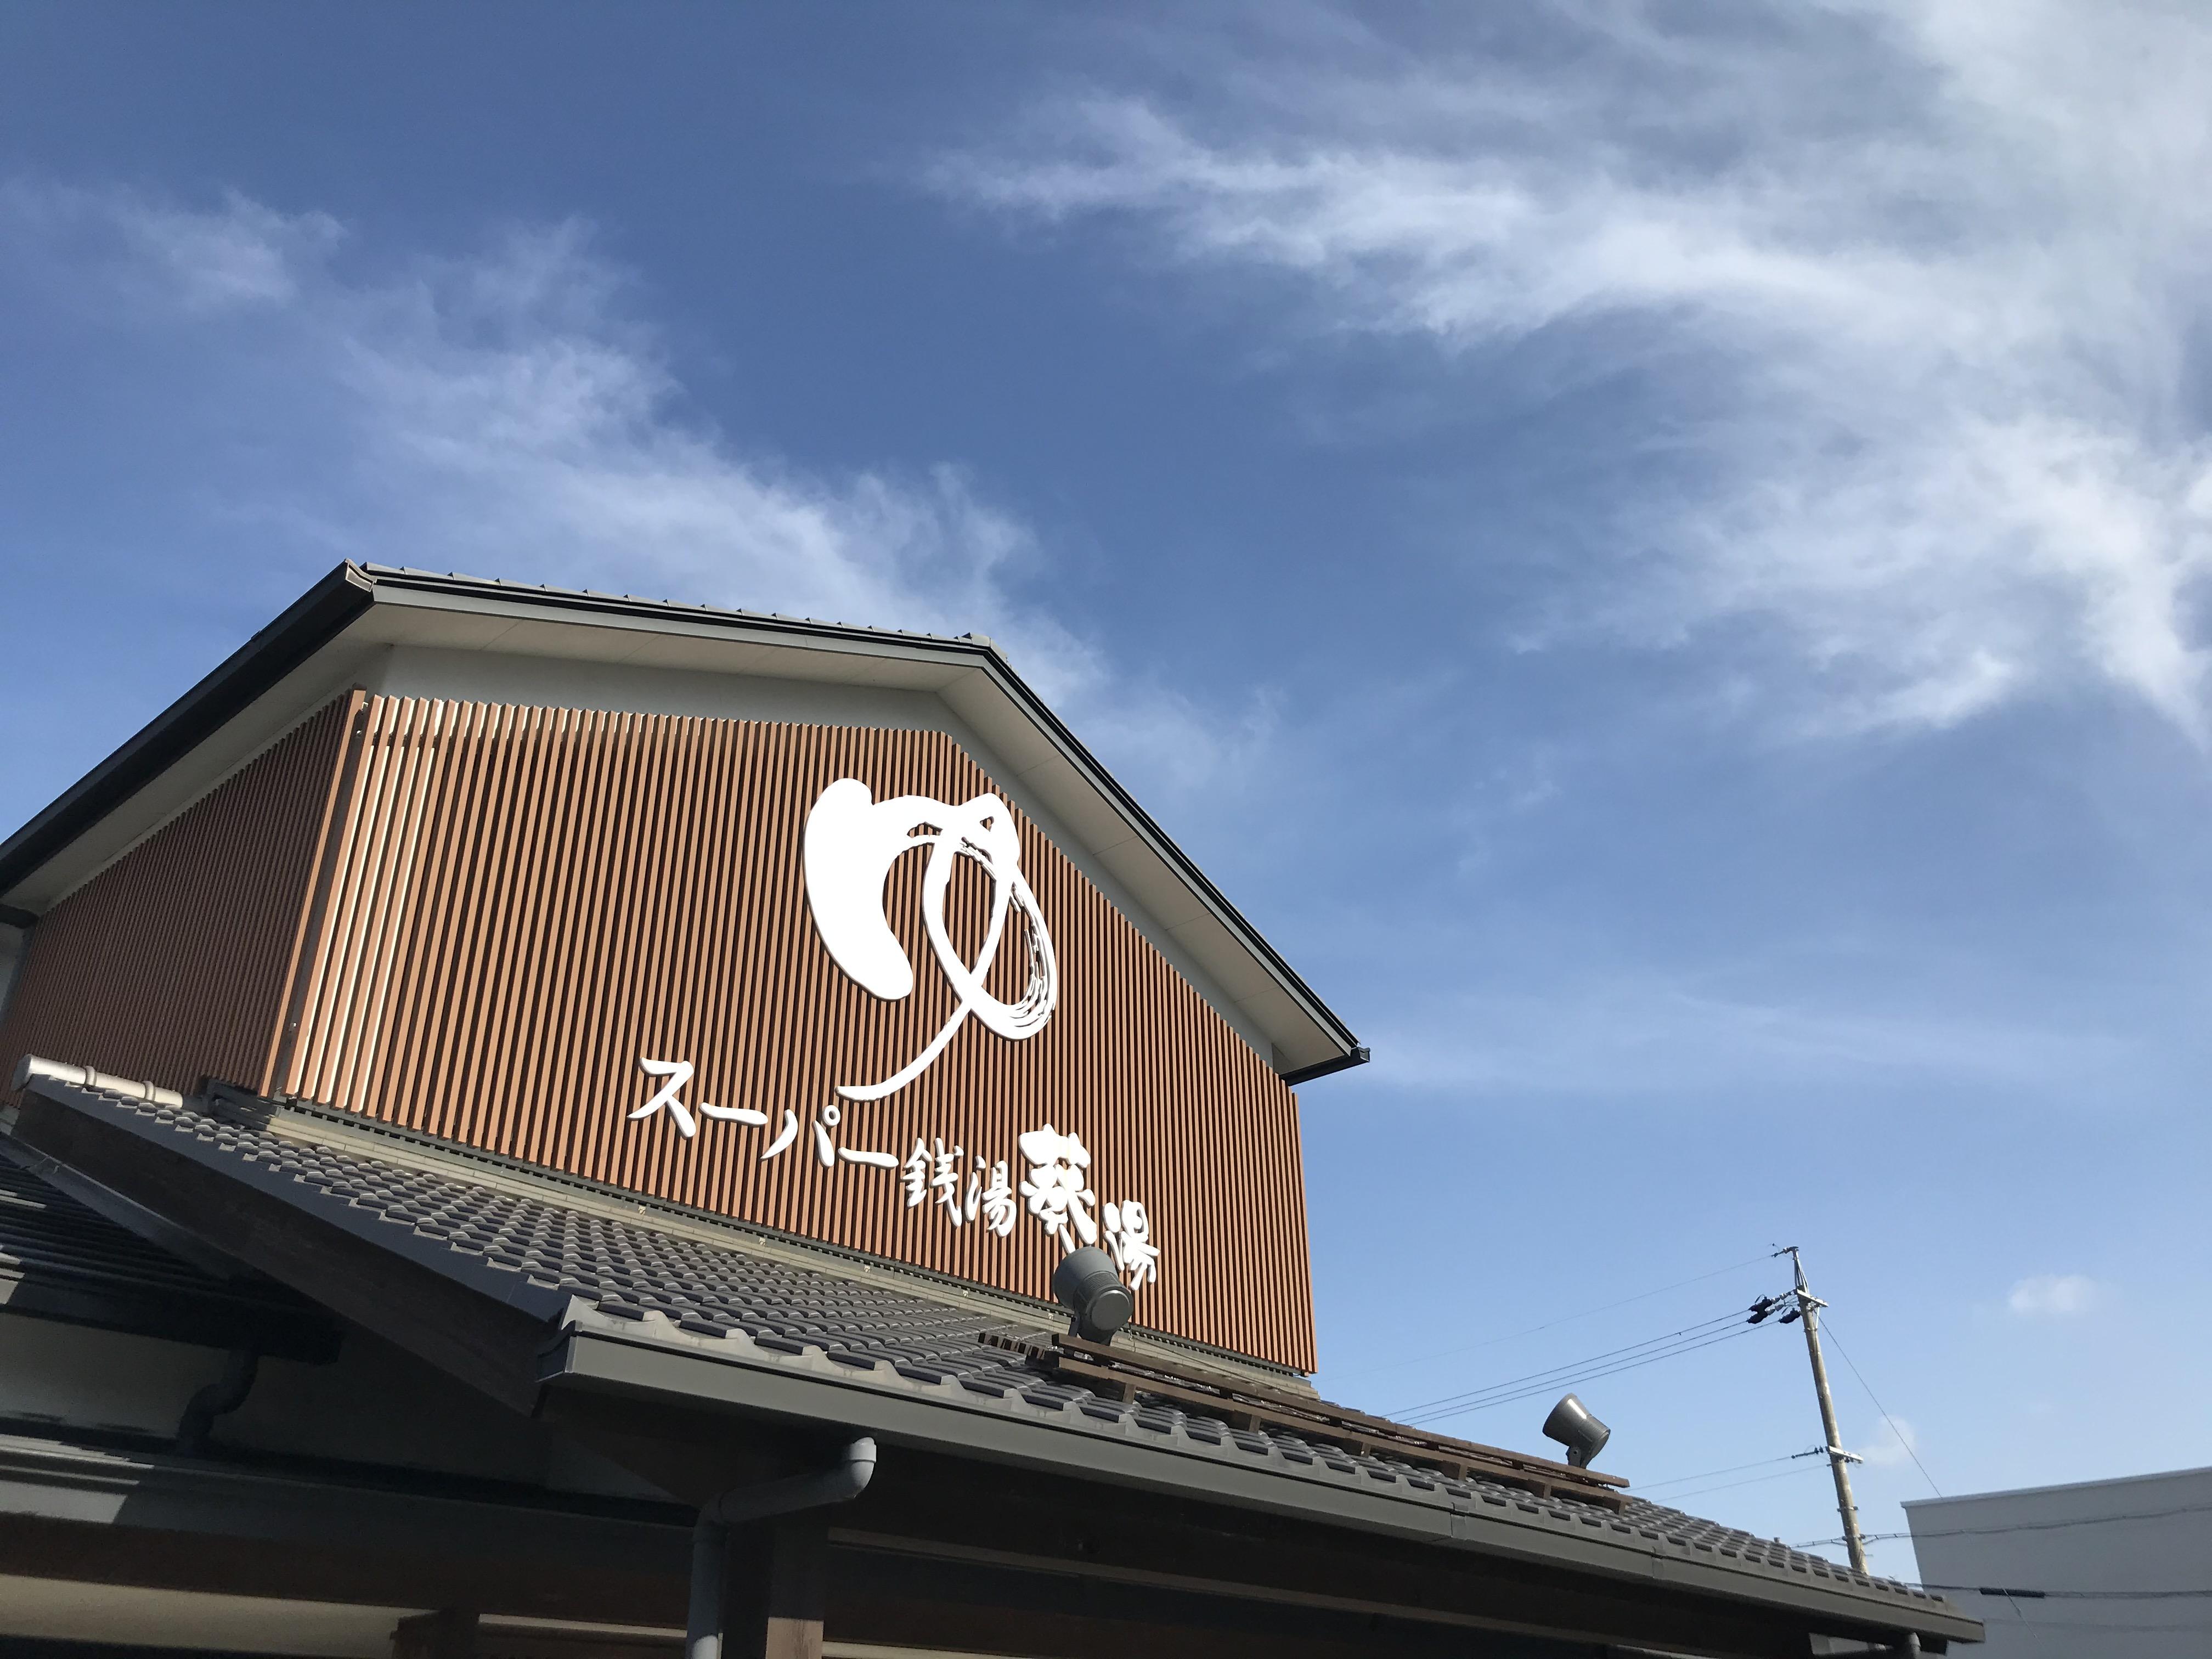 岡崎市の3つのスーパー銭湯がコラボ!近場のお風呂を回って豪華景品が当たるスタンプラリー開催 - 98cffb59dc2bf59802013e35e4961734